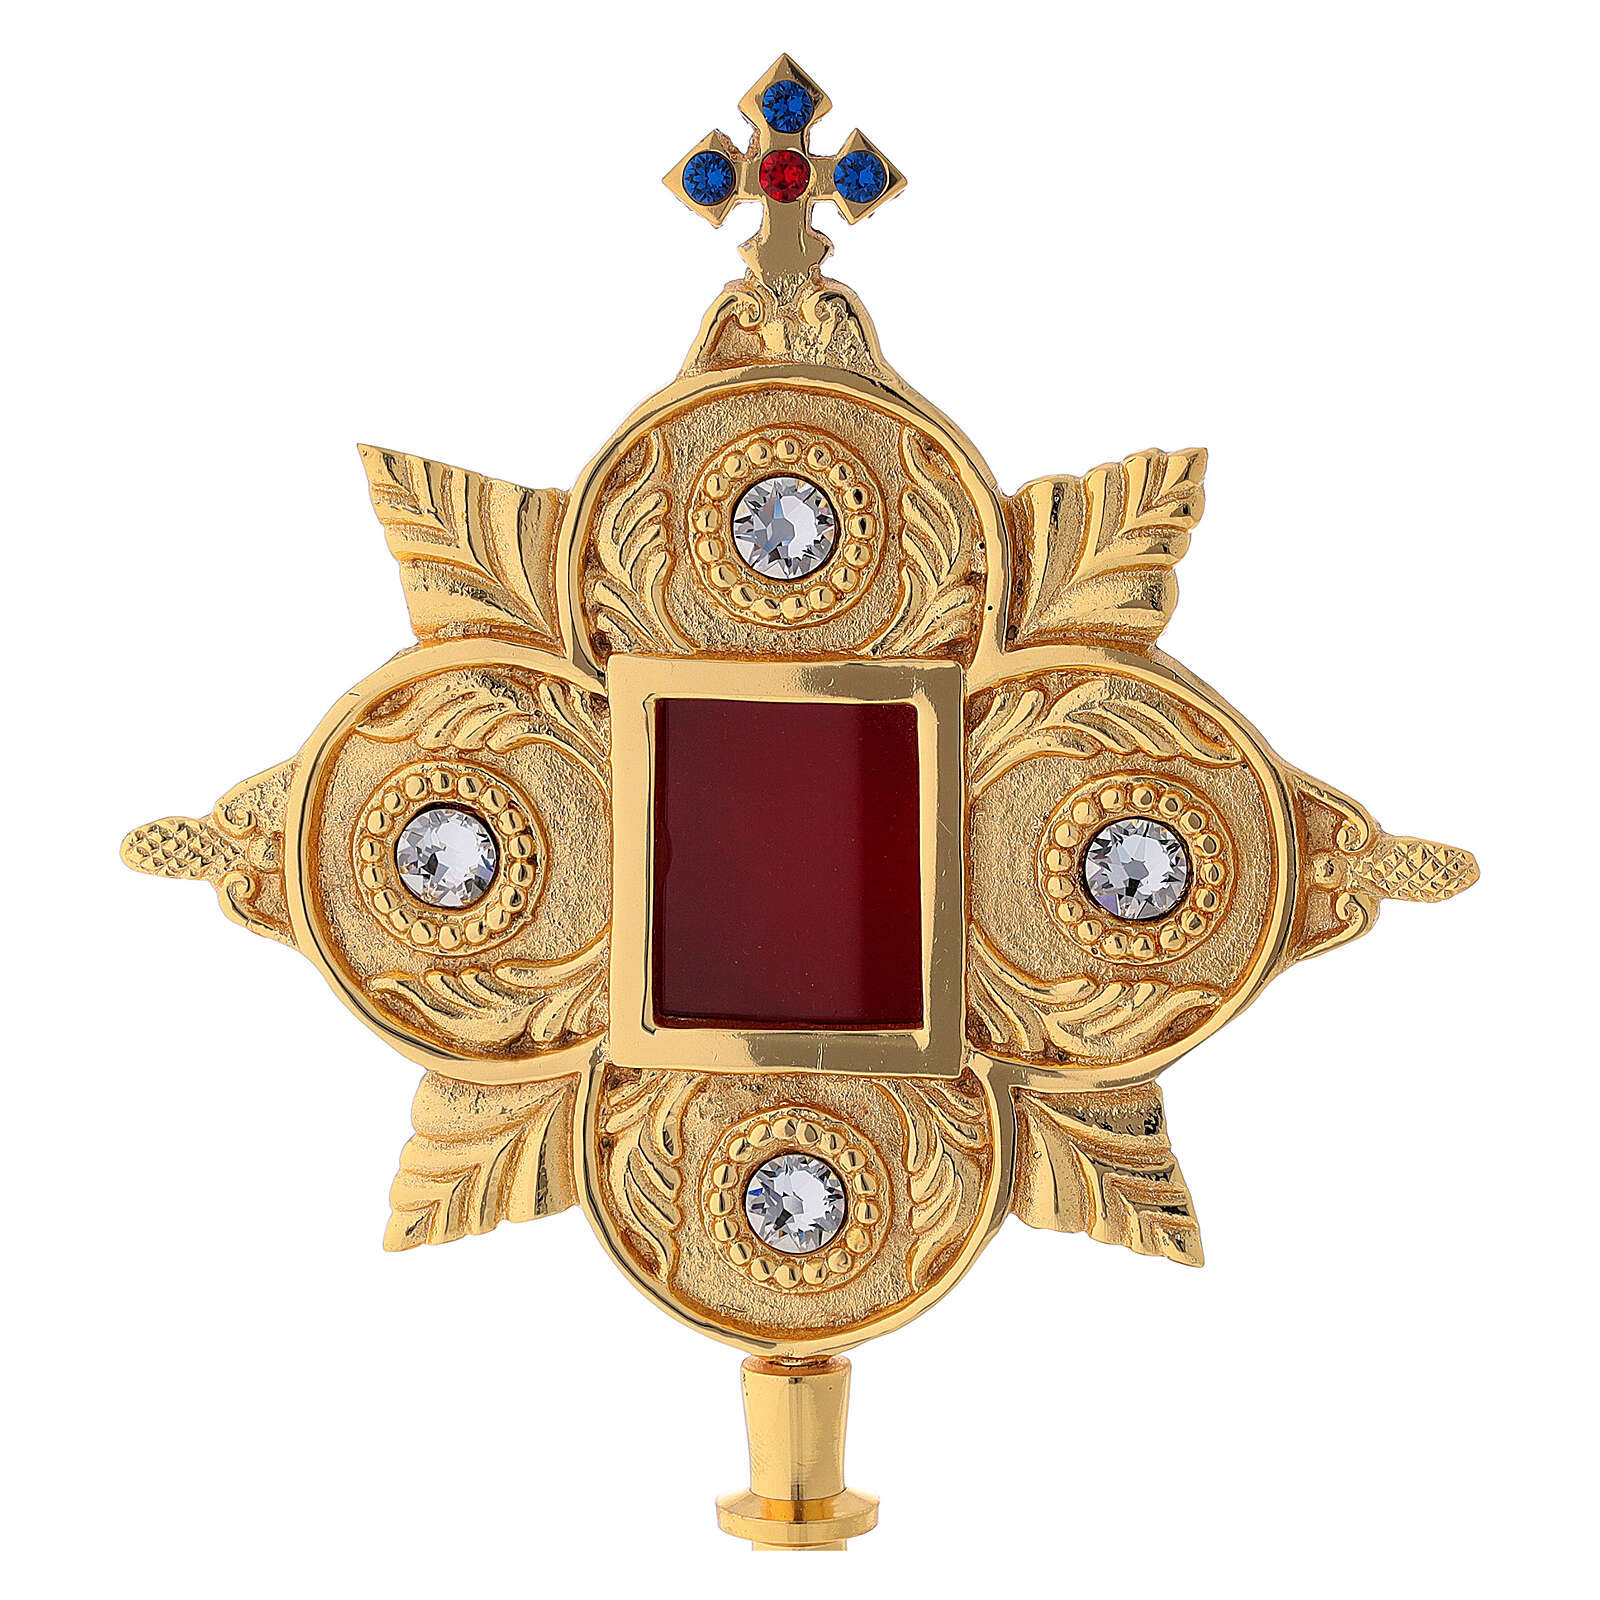 Reliquaire laiton feuille d'or cristaux lunule 4,5x4 cm 4